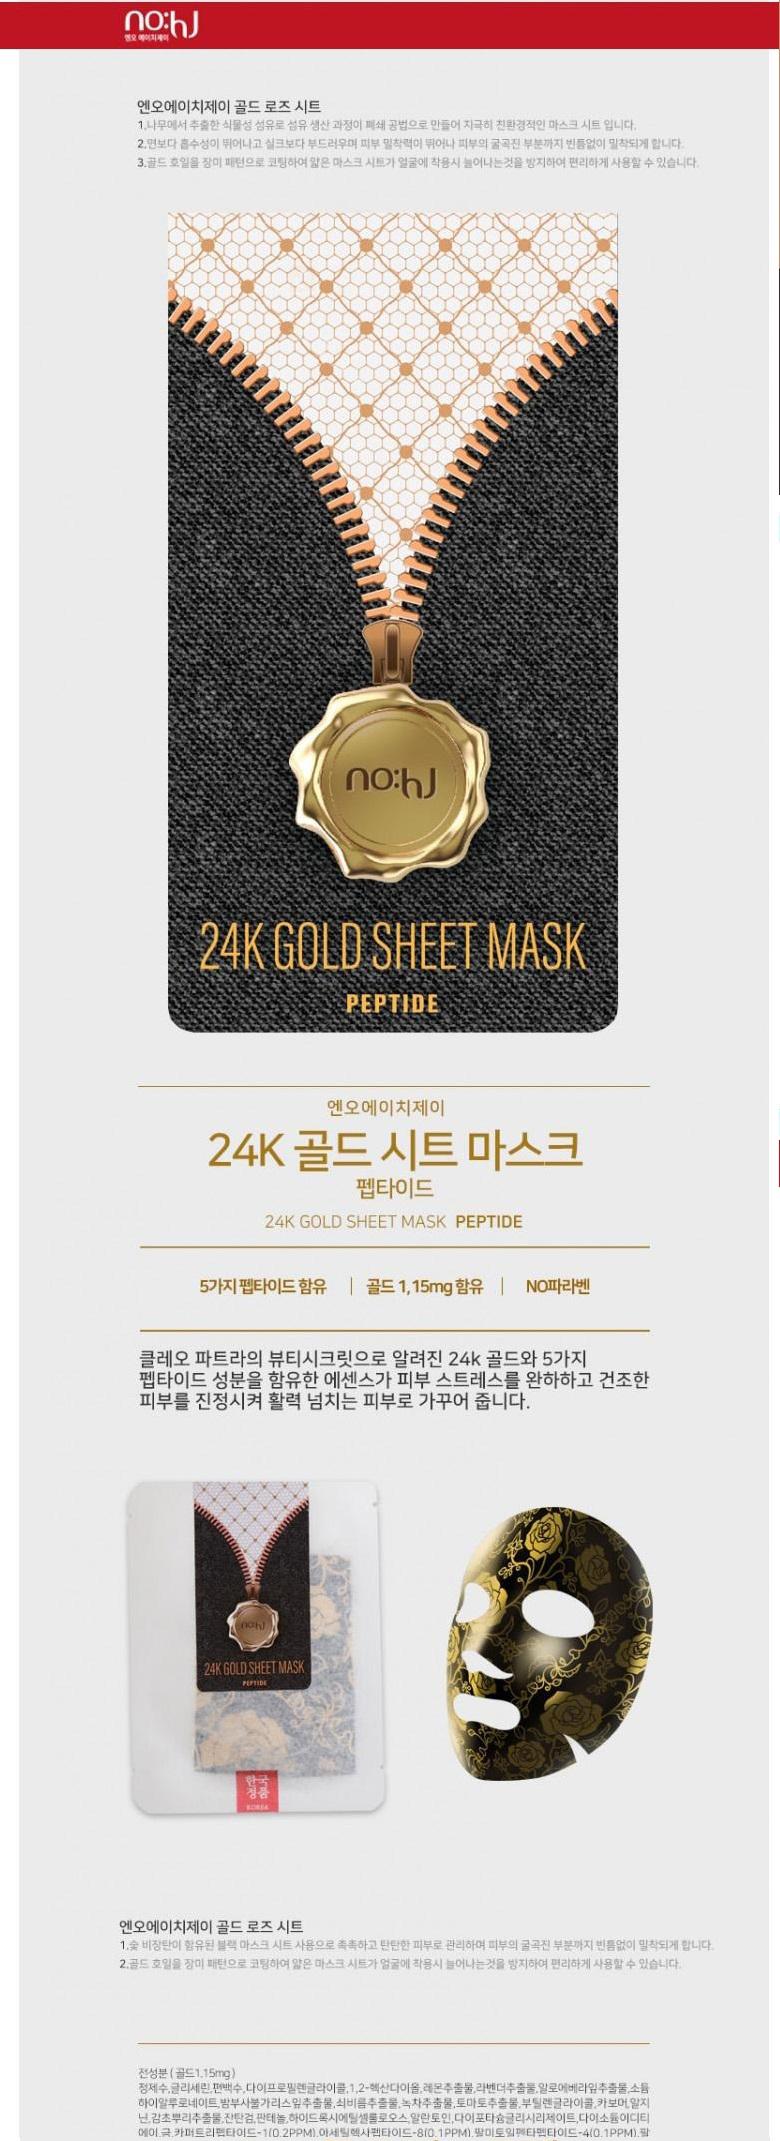 NOHJ 24K Gold Sheet Mask Peptide 0.91oz(26g)